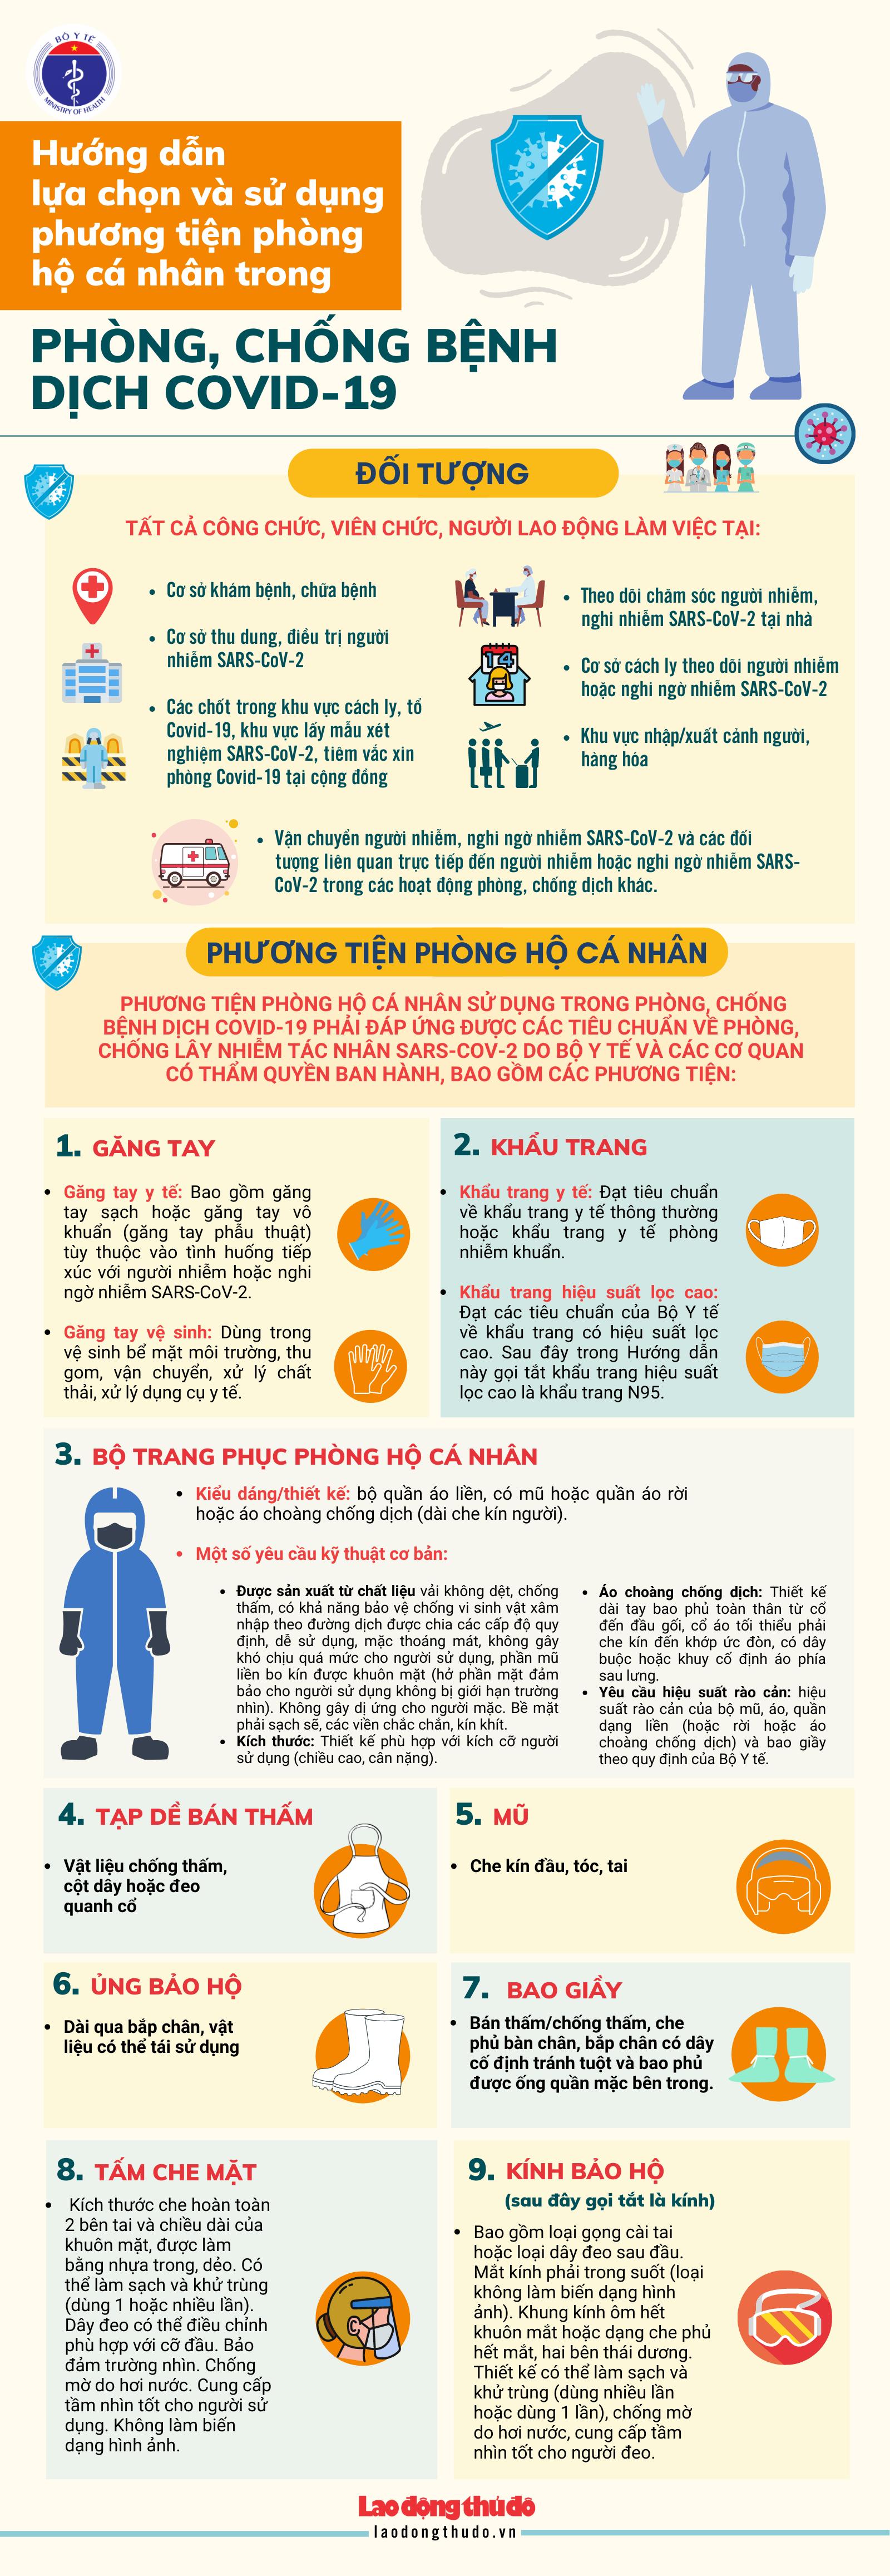 [Infographic] Hướng dẫn lựa chọn và sử dụng phương tiện phòng hộ cá nhân trong phòng, chống bệnh dịch Covid-19